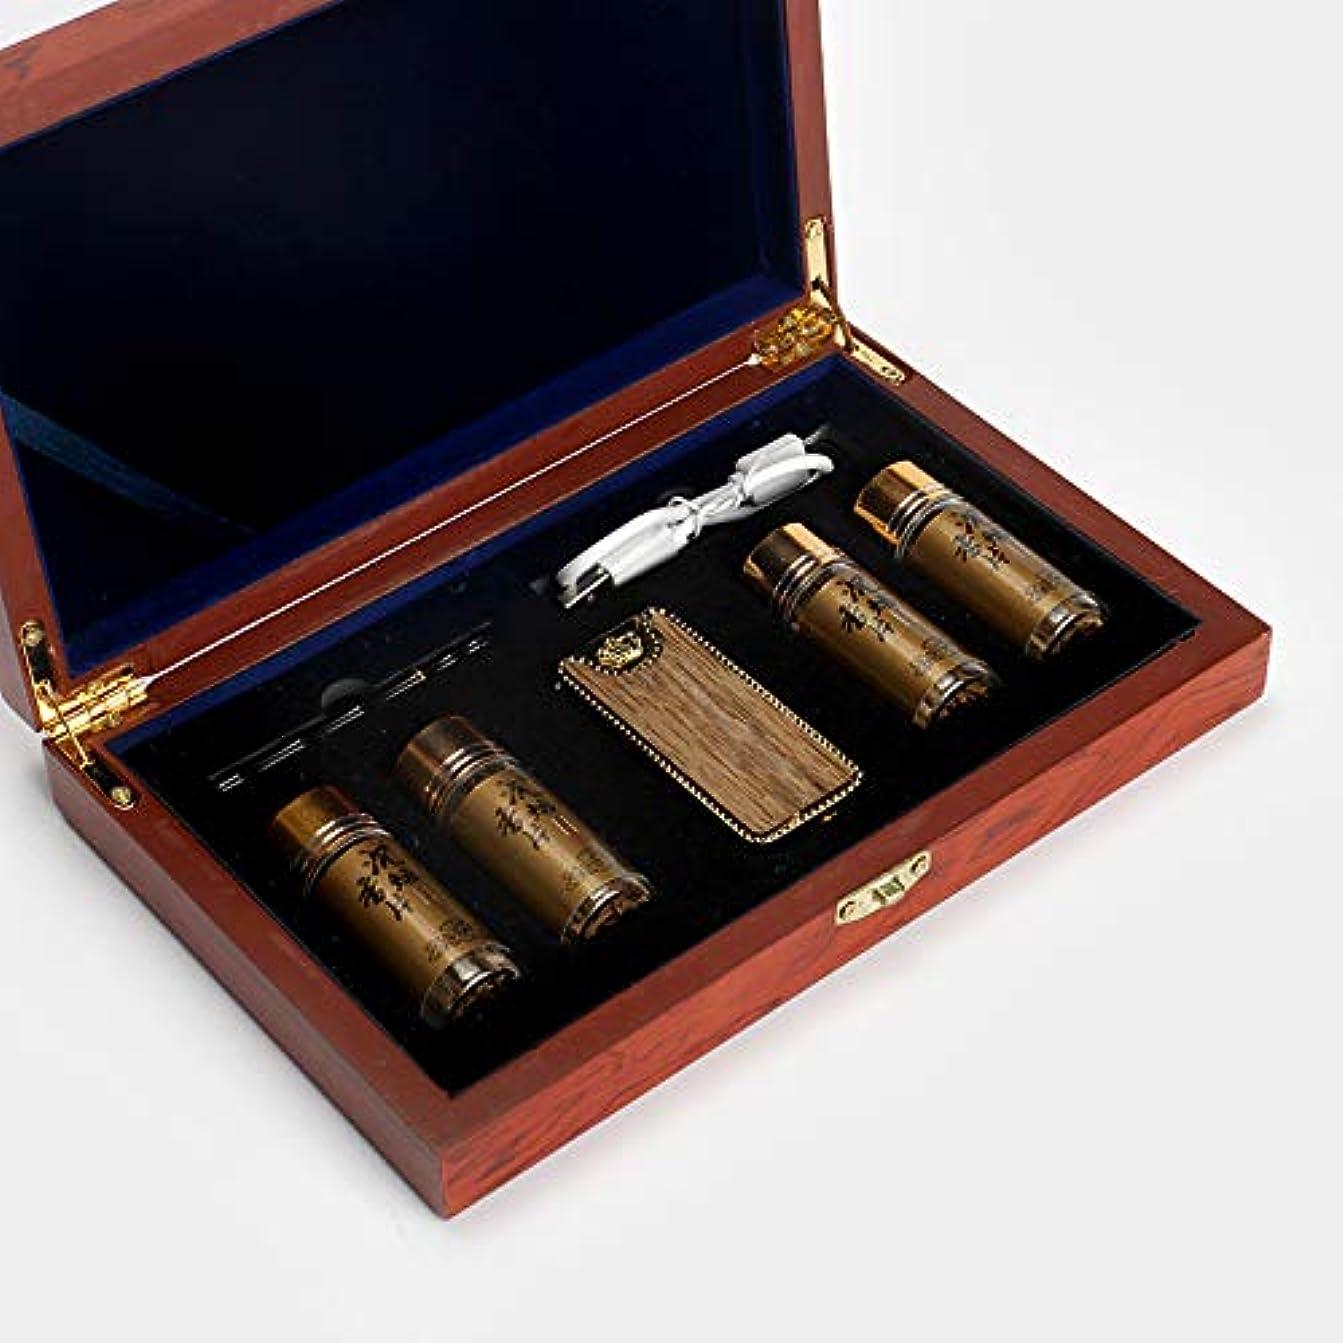 一貫したけがをする不潔Diatems - 五郎クラフトベトナムニャチャンシェンタバコの煙を挿入ギフトボックスShenxiang錠4本のボトル包装